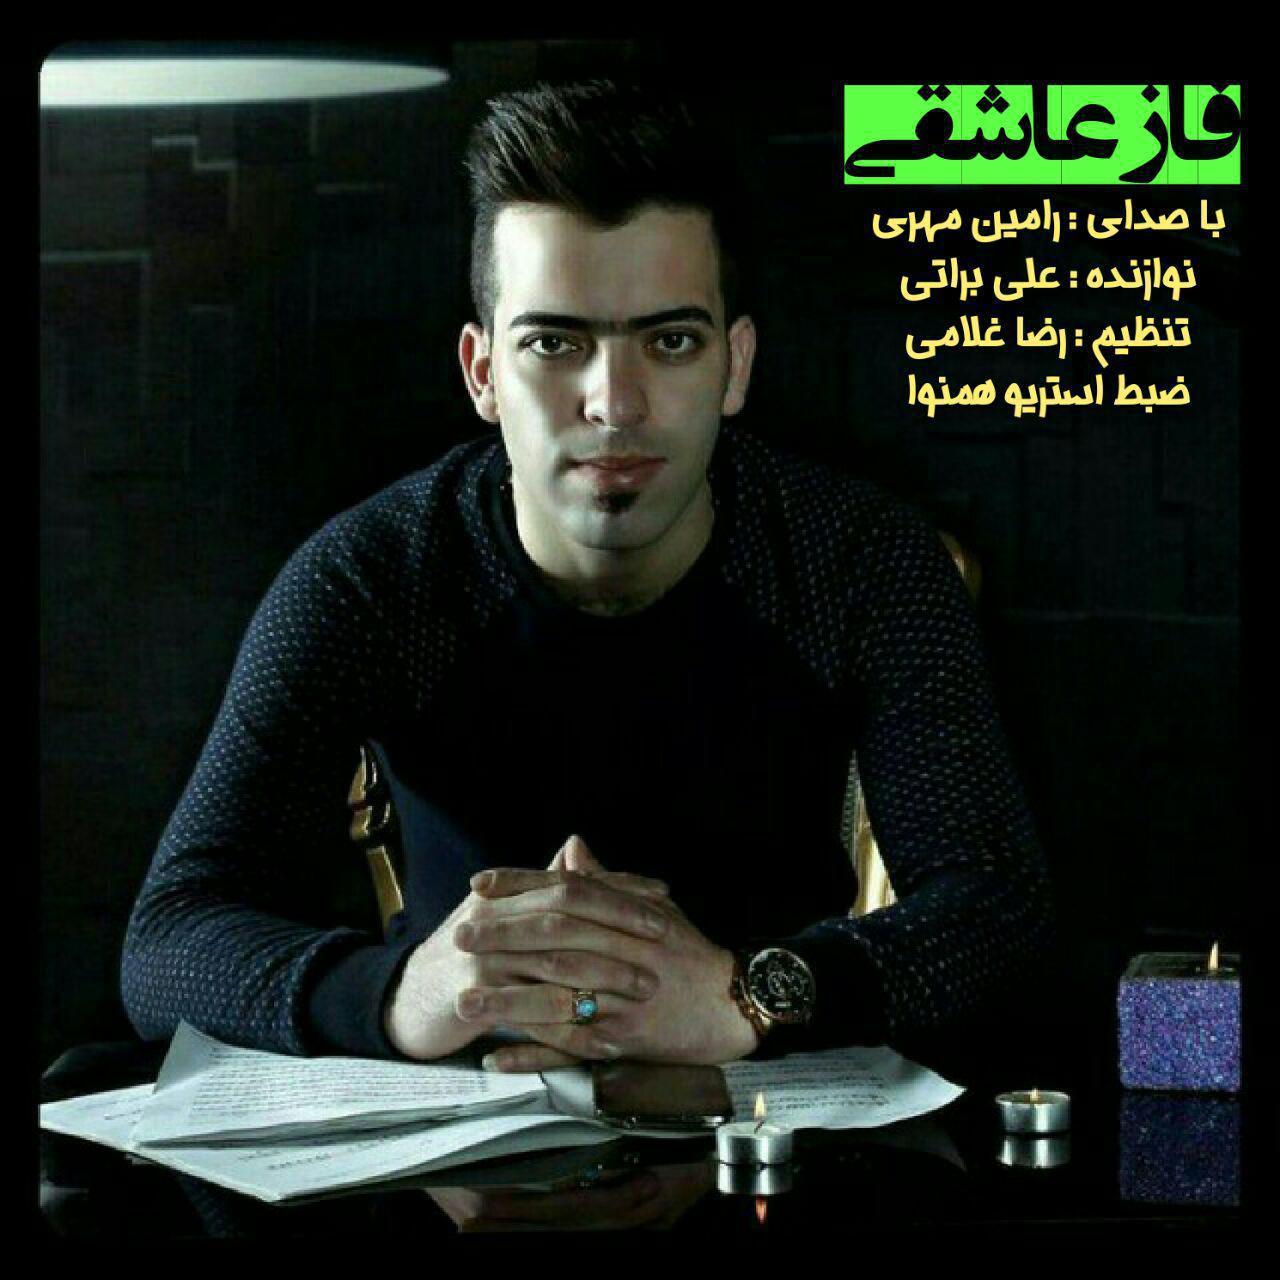 دانلود آهنگ جدید رامین مهری به نام فازعاشقی